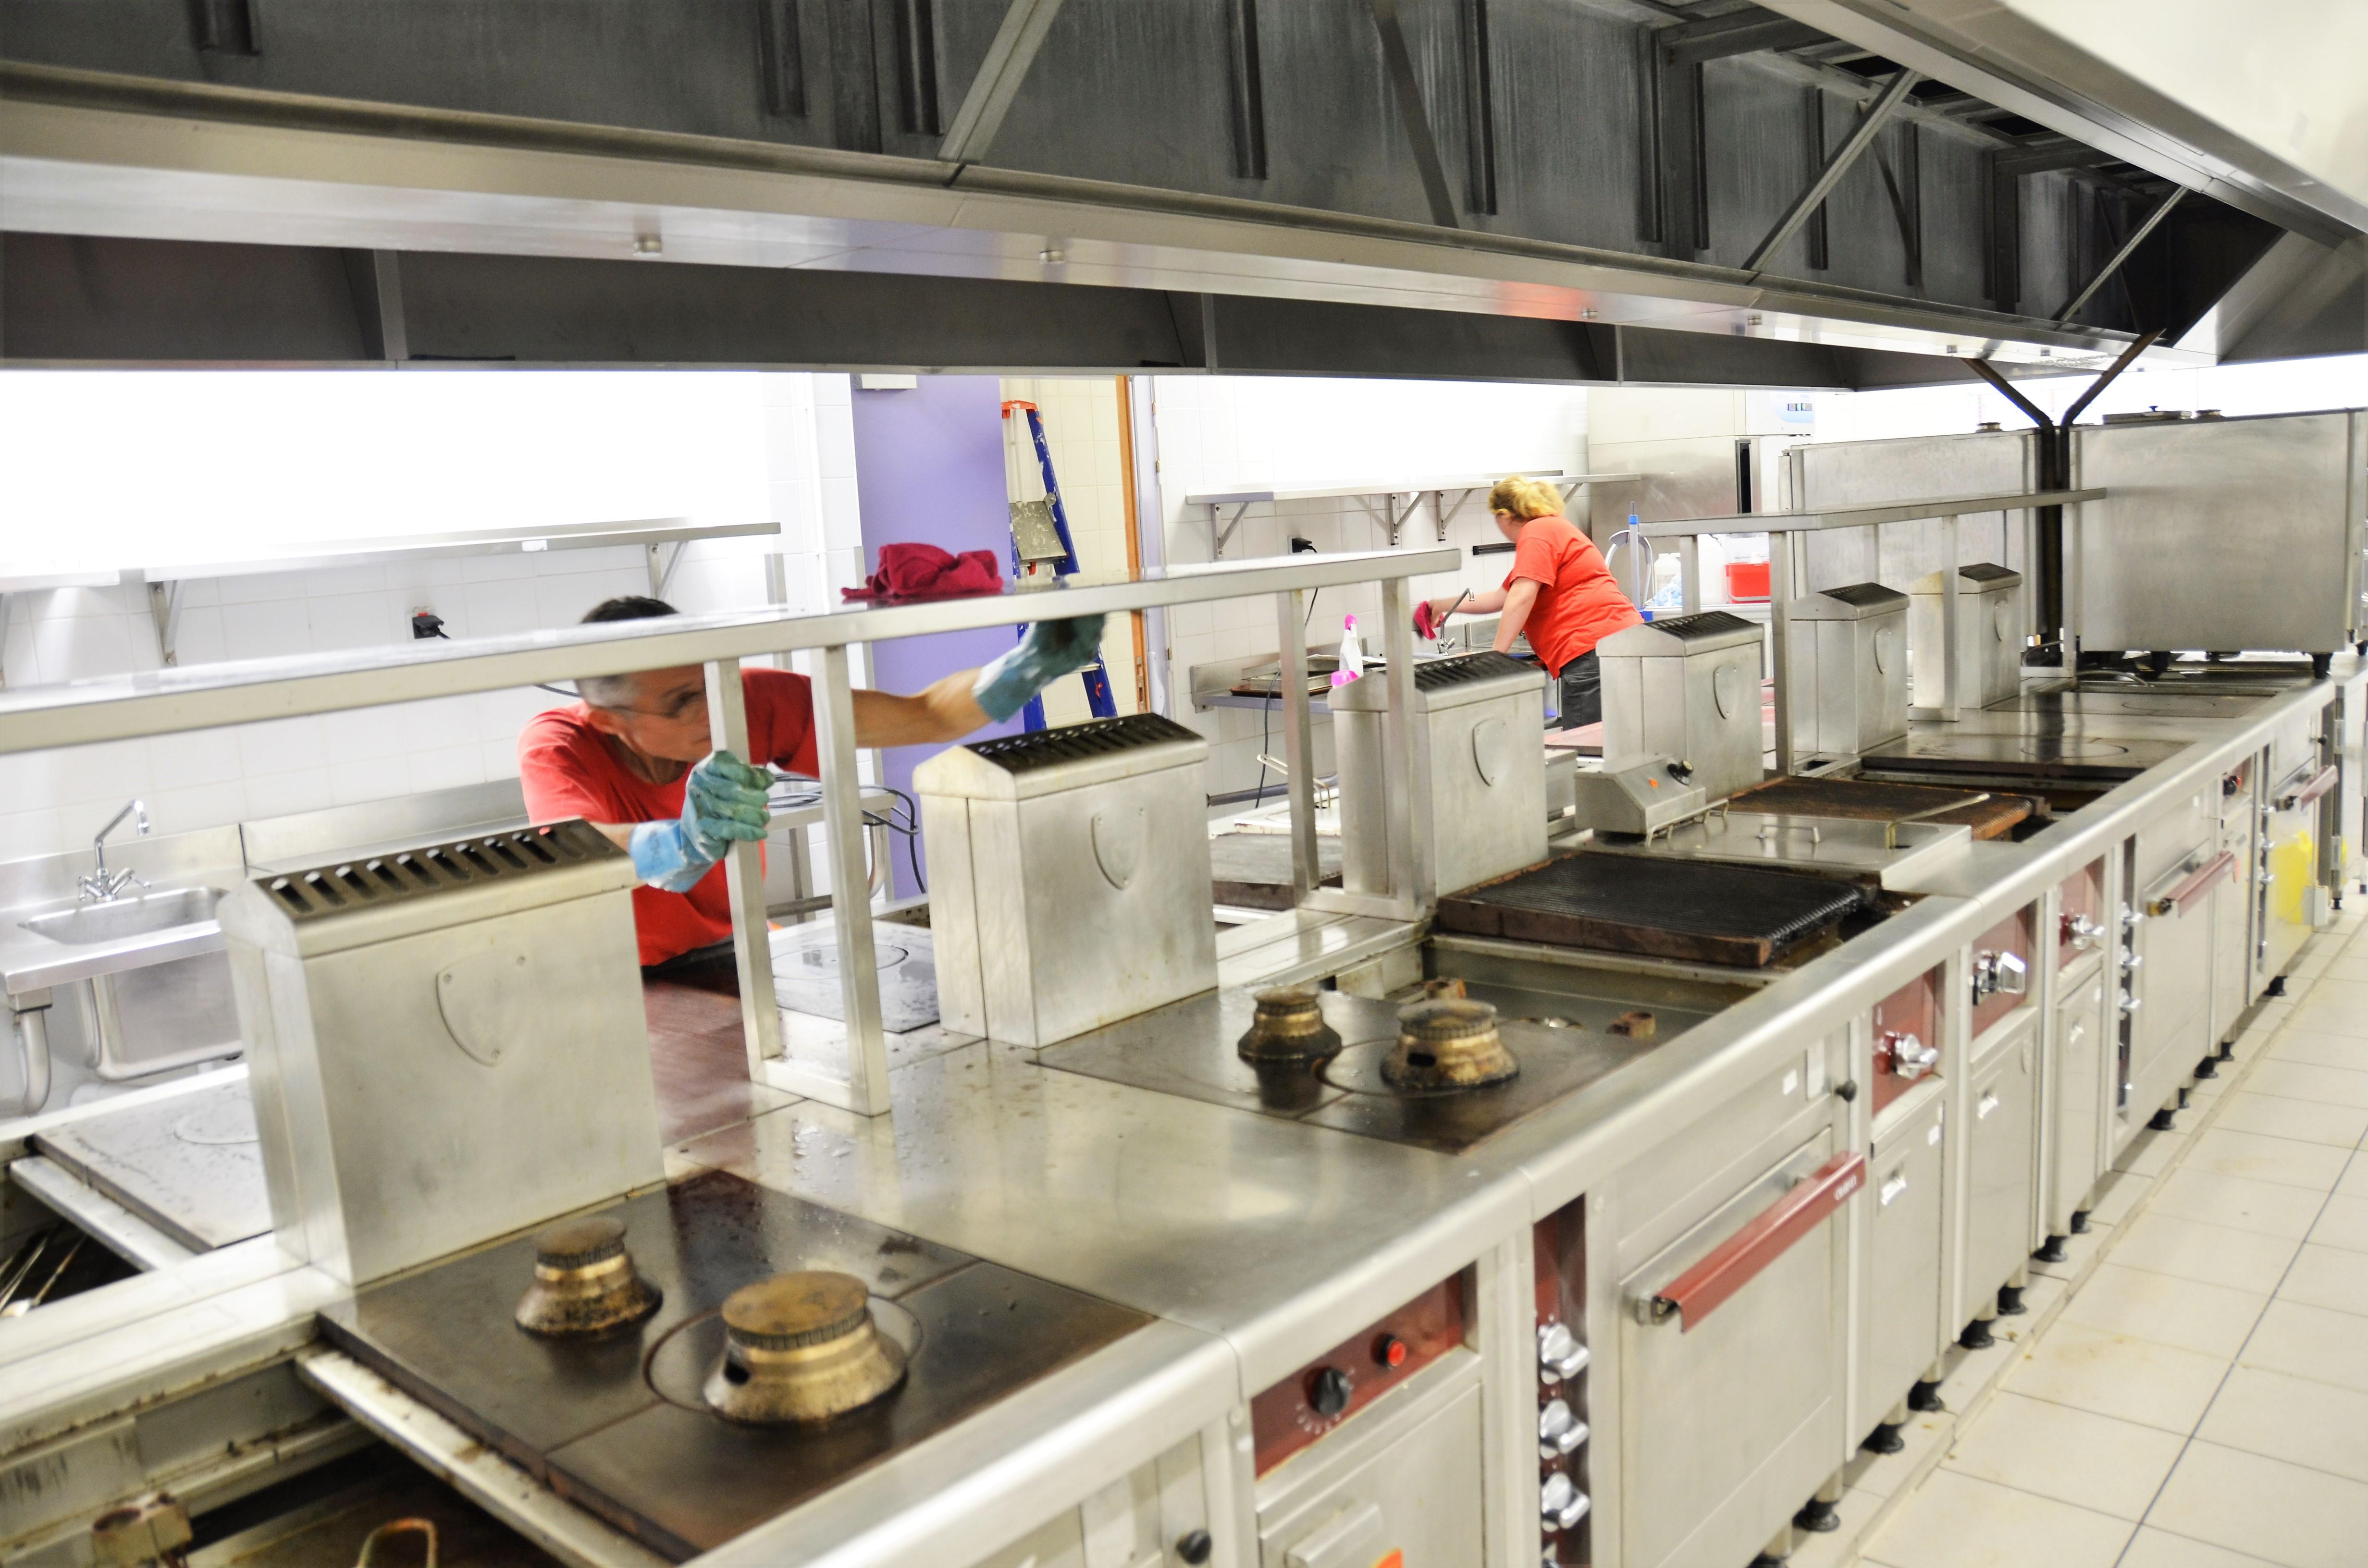 nettoyage cuisine profesionnelle